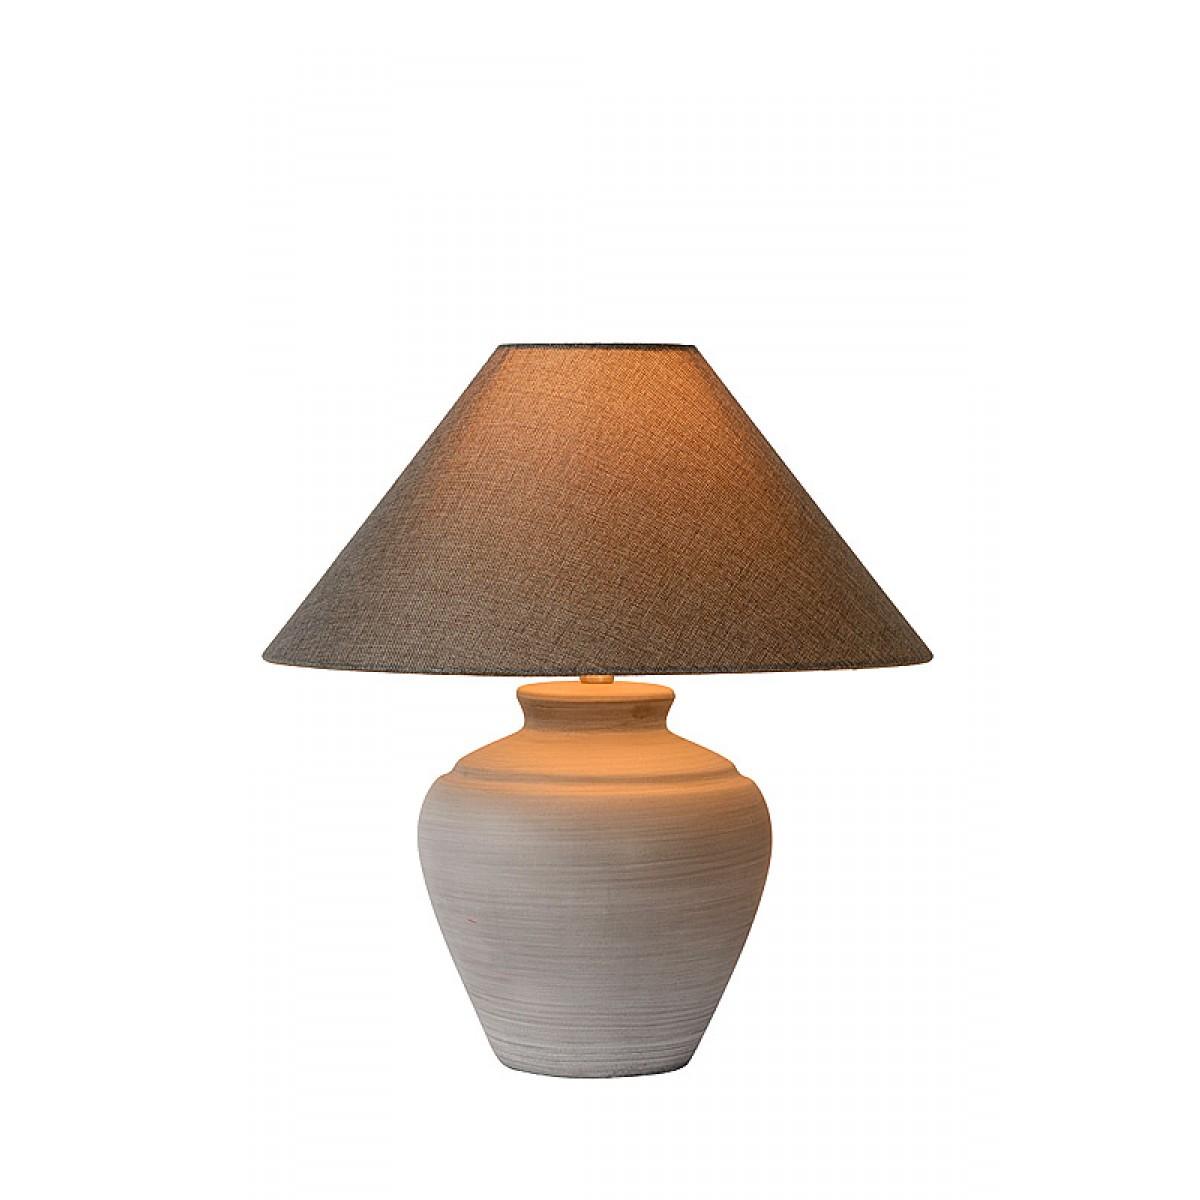 tischleuchte grau mit lampenschirm durchmesser 30 cm. Black Bedroom Furniture Sets. Home Design Ideas